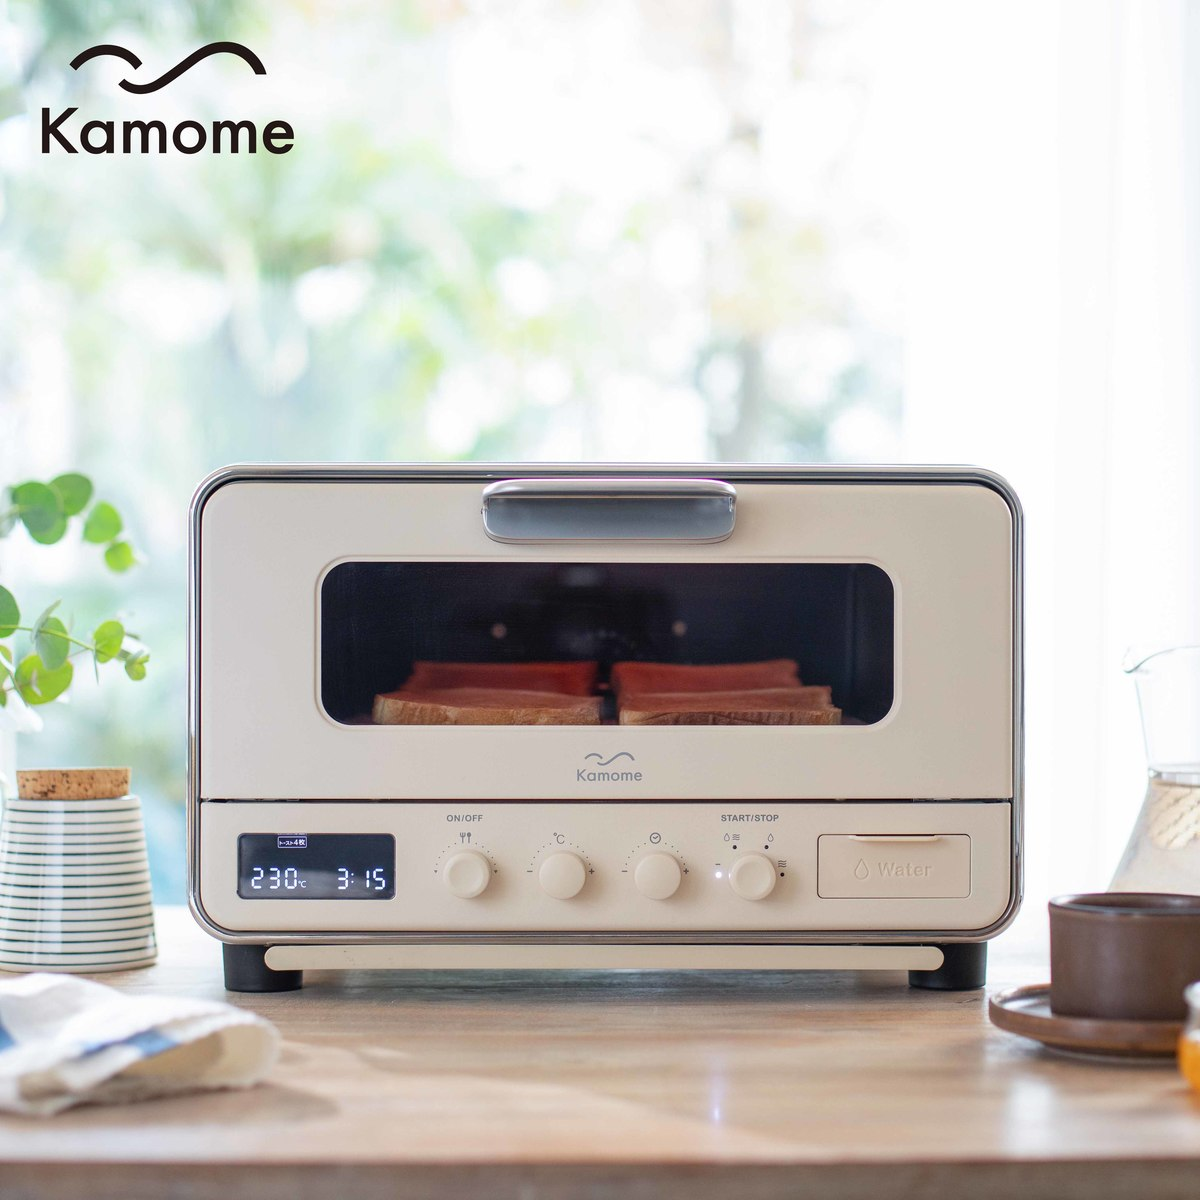 Kamome スチームコンベクションオーブン K-CT1 トースター 食パン おいしい カモメ かもめ おしゃれ パン焼き機 パン焼き器 トースト